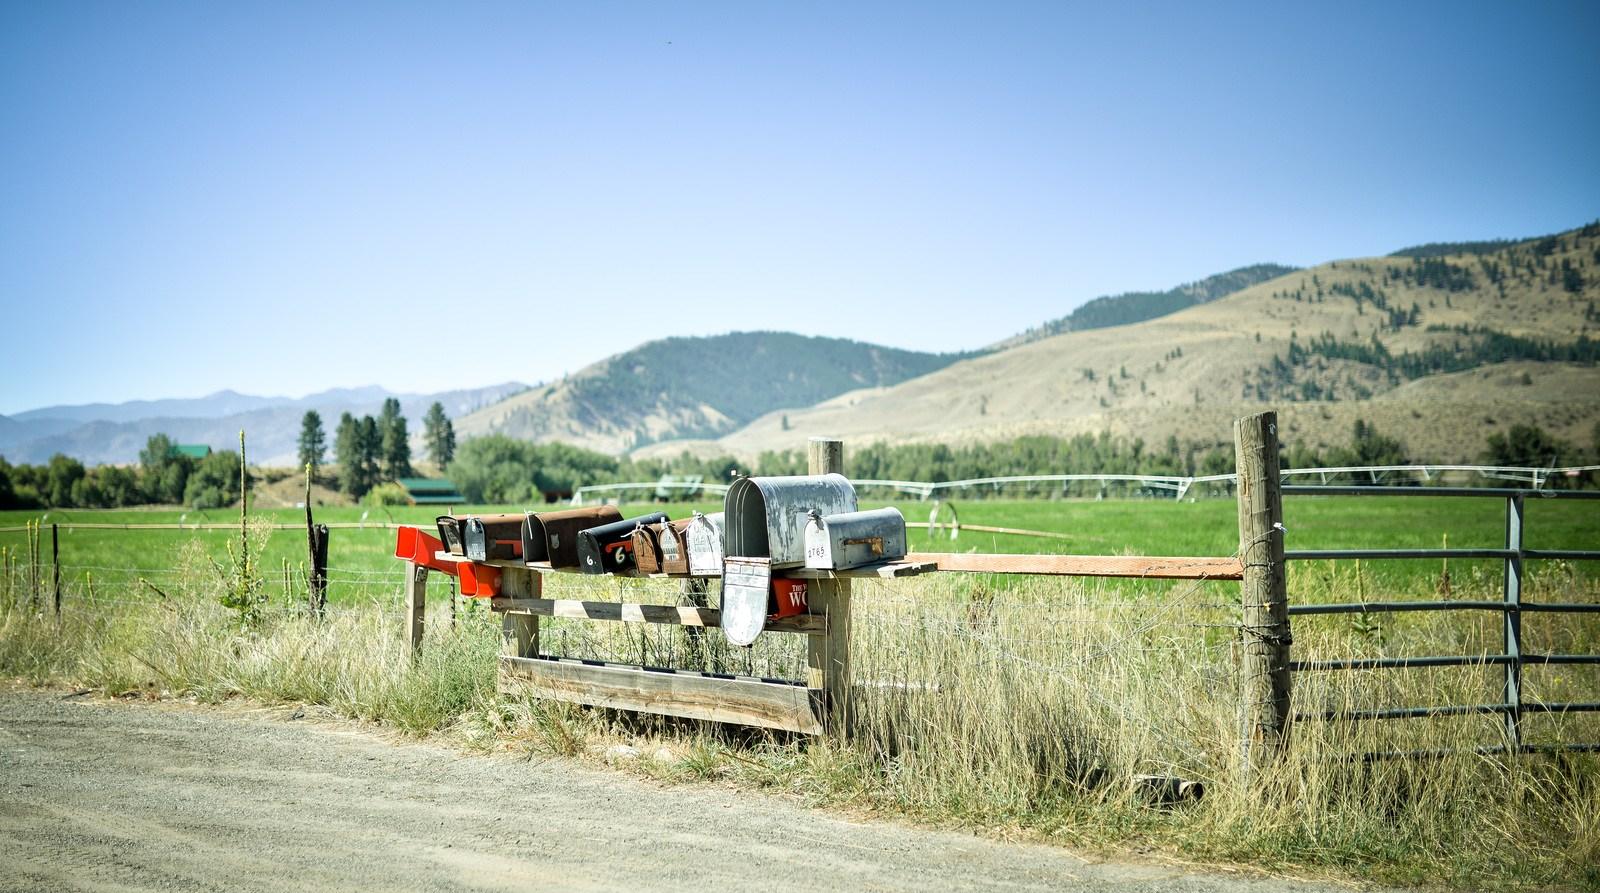 Jolies boites aux lettres sur la Methow Valley Highway Sur les routes